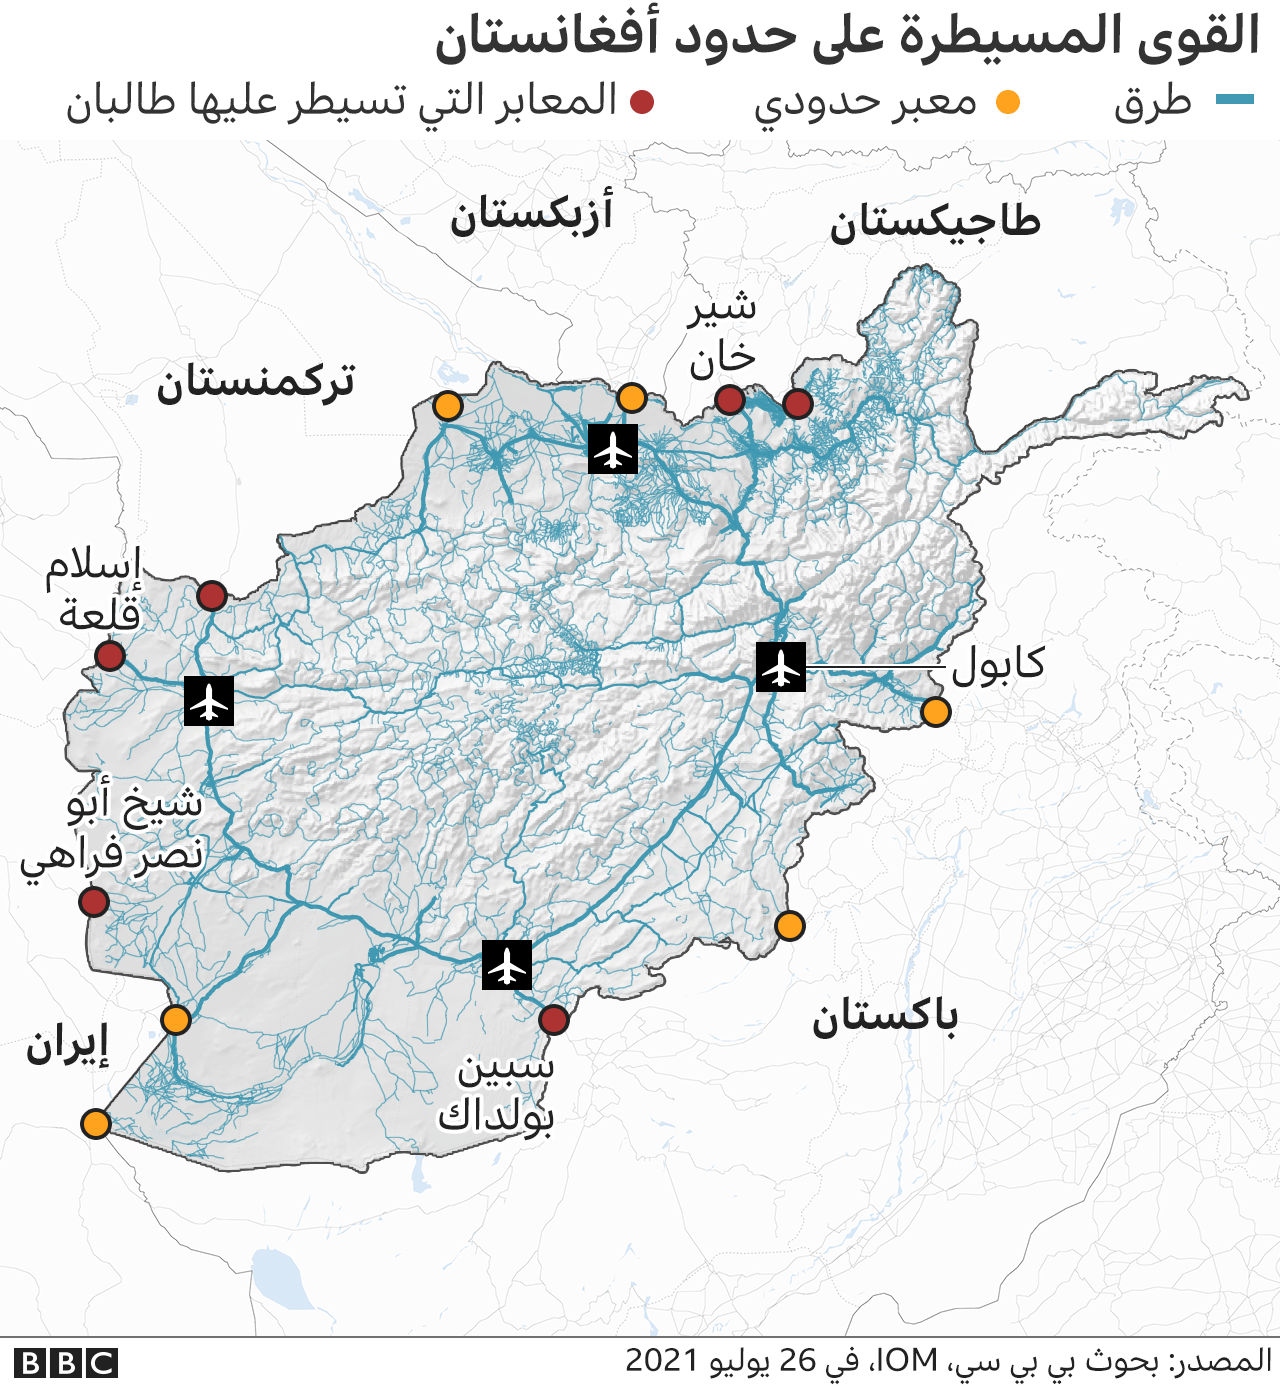 القوى المسيطرة على حدود أفغانستان